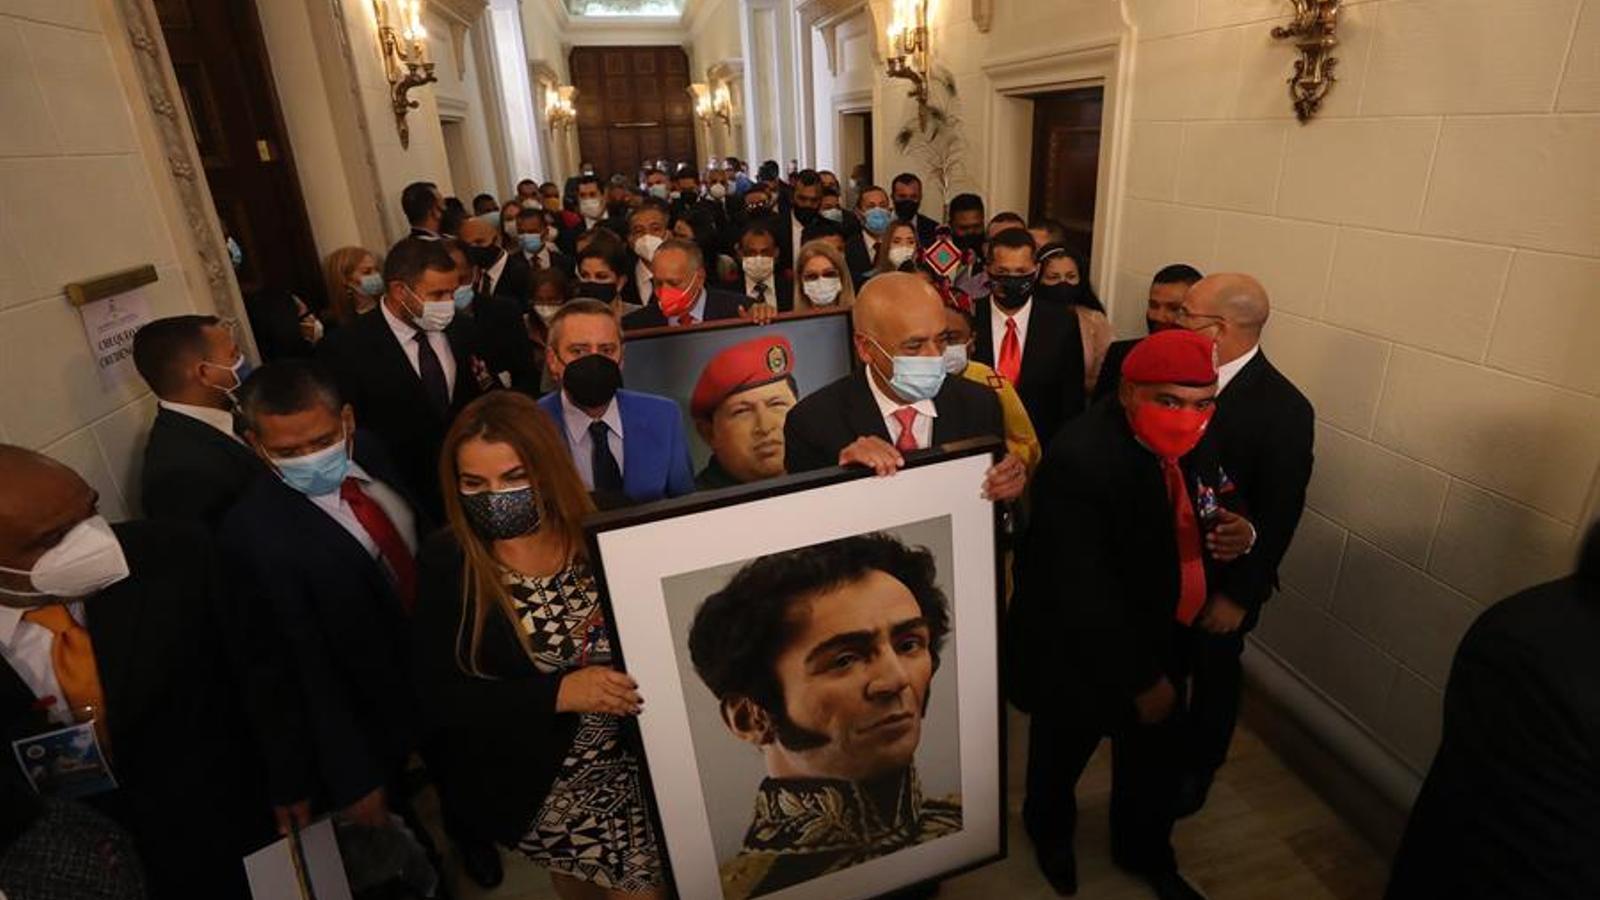 Els nous diputats de l'Assemblea Nacional de Veneçuela, encapçalats pel president de la cambra, Jorge Rodríguez, introdueixen a l'hemicicle els retrats de Simón Bolívar i Hugo Chávez